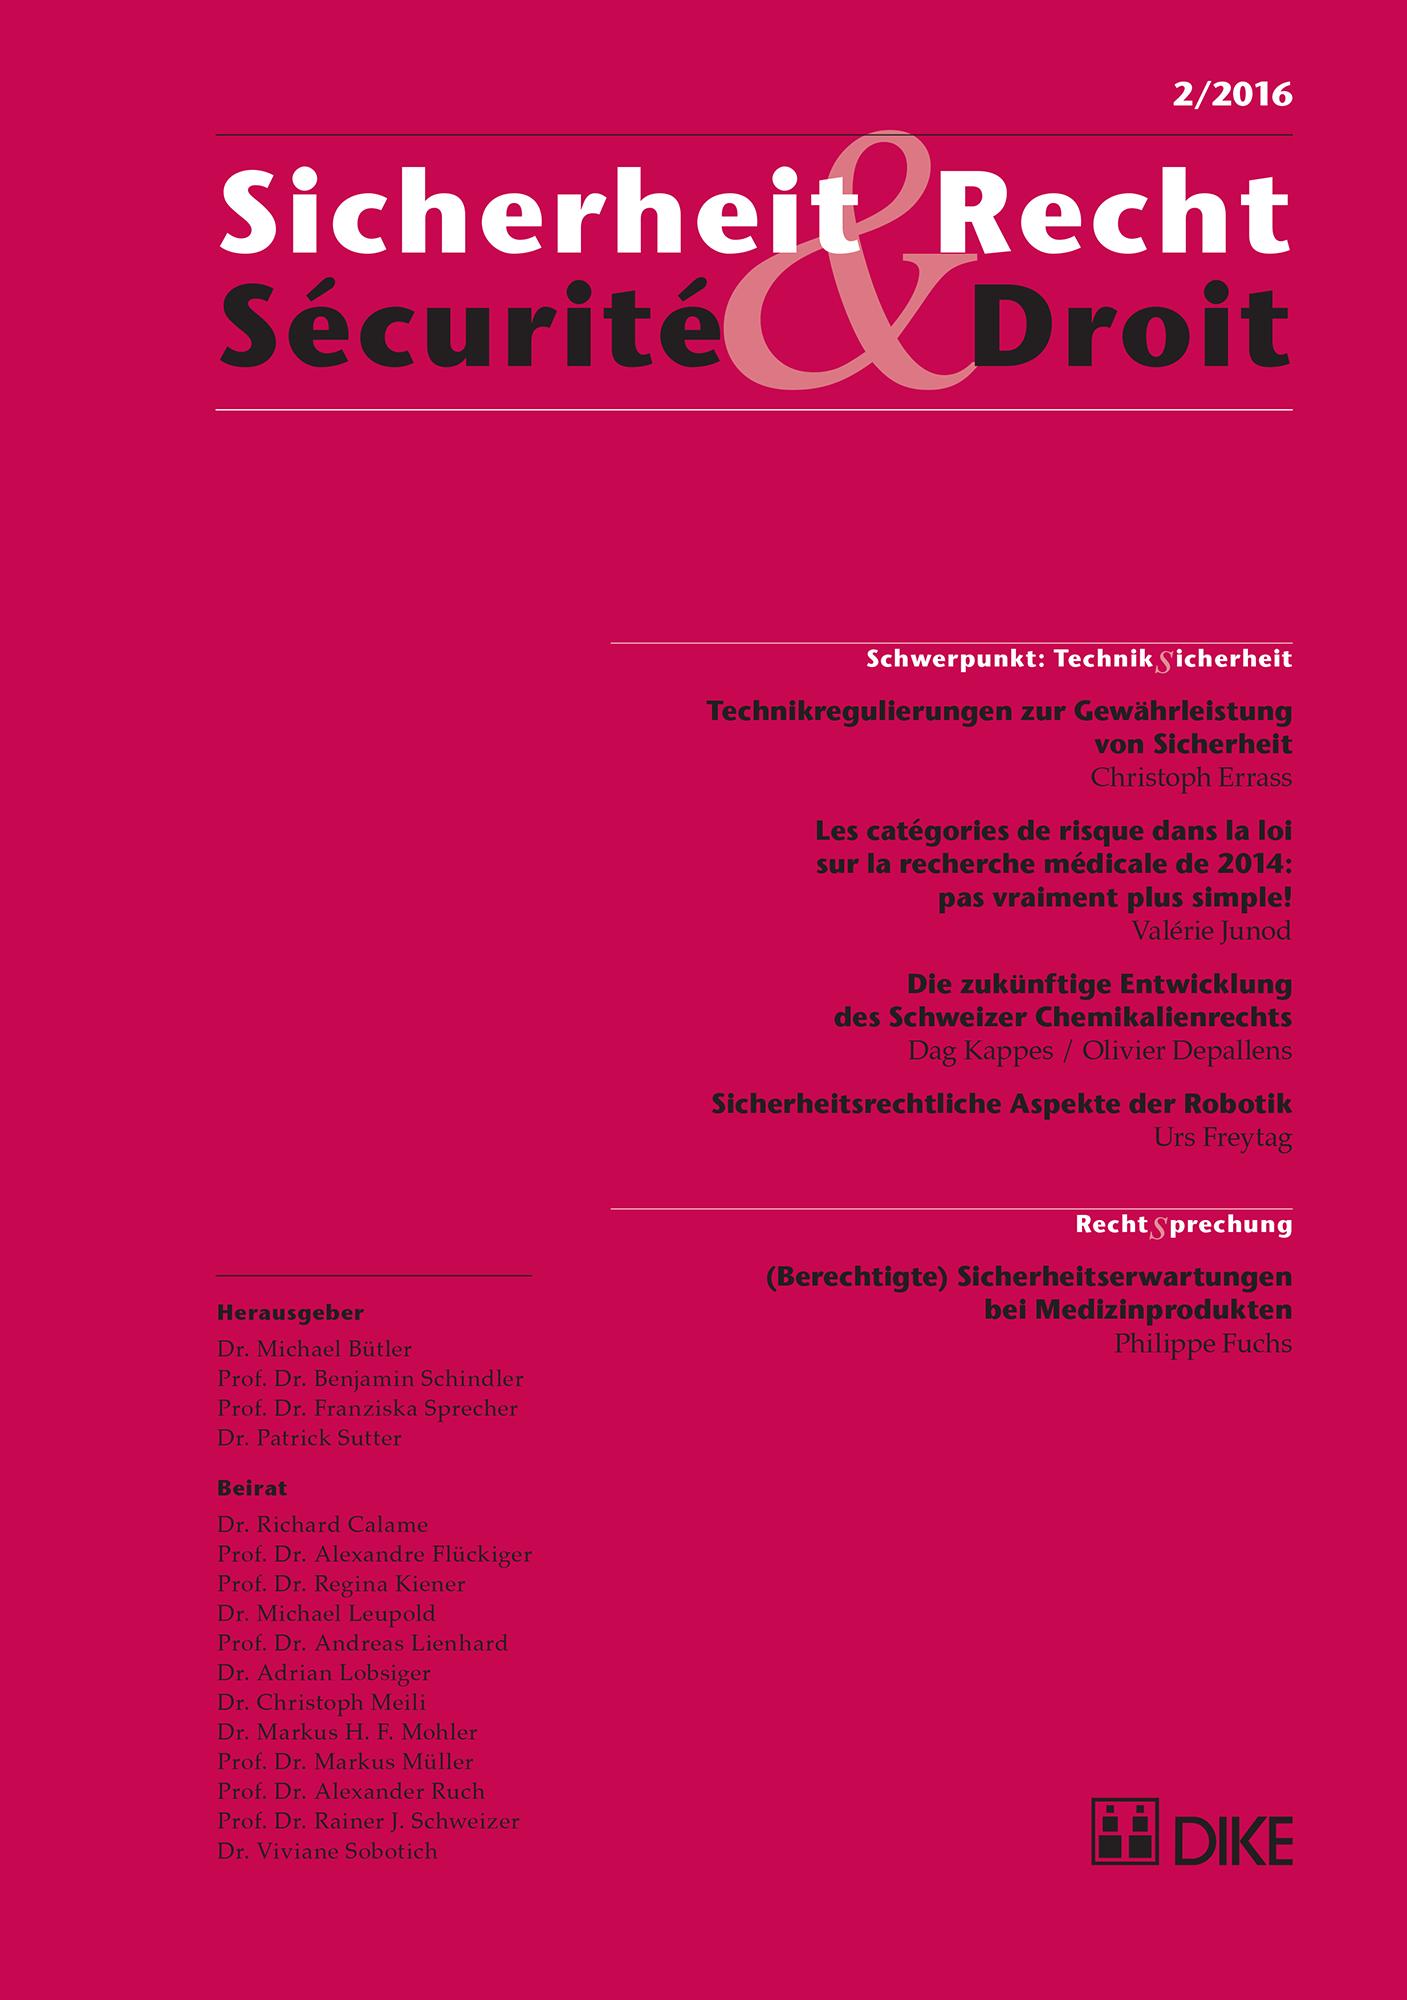 Sicherheit & Recht / Sécurité & Droit 02/2016